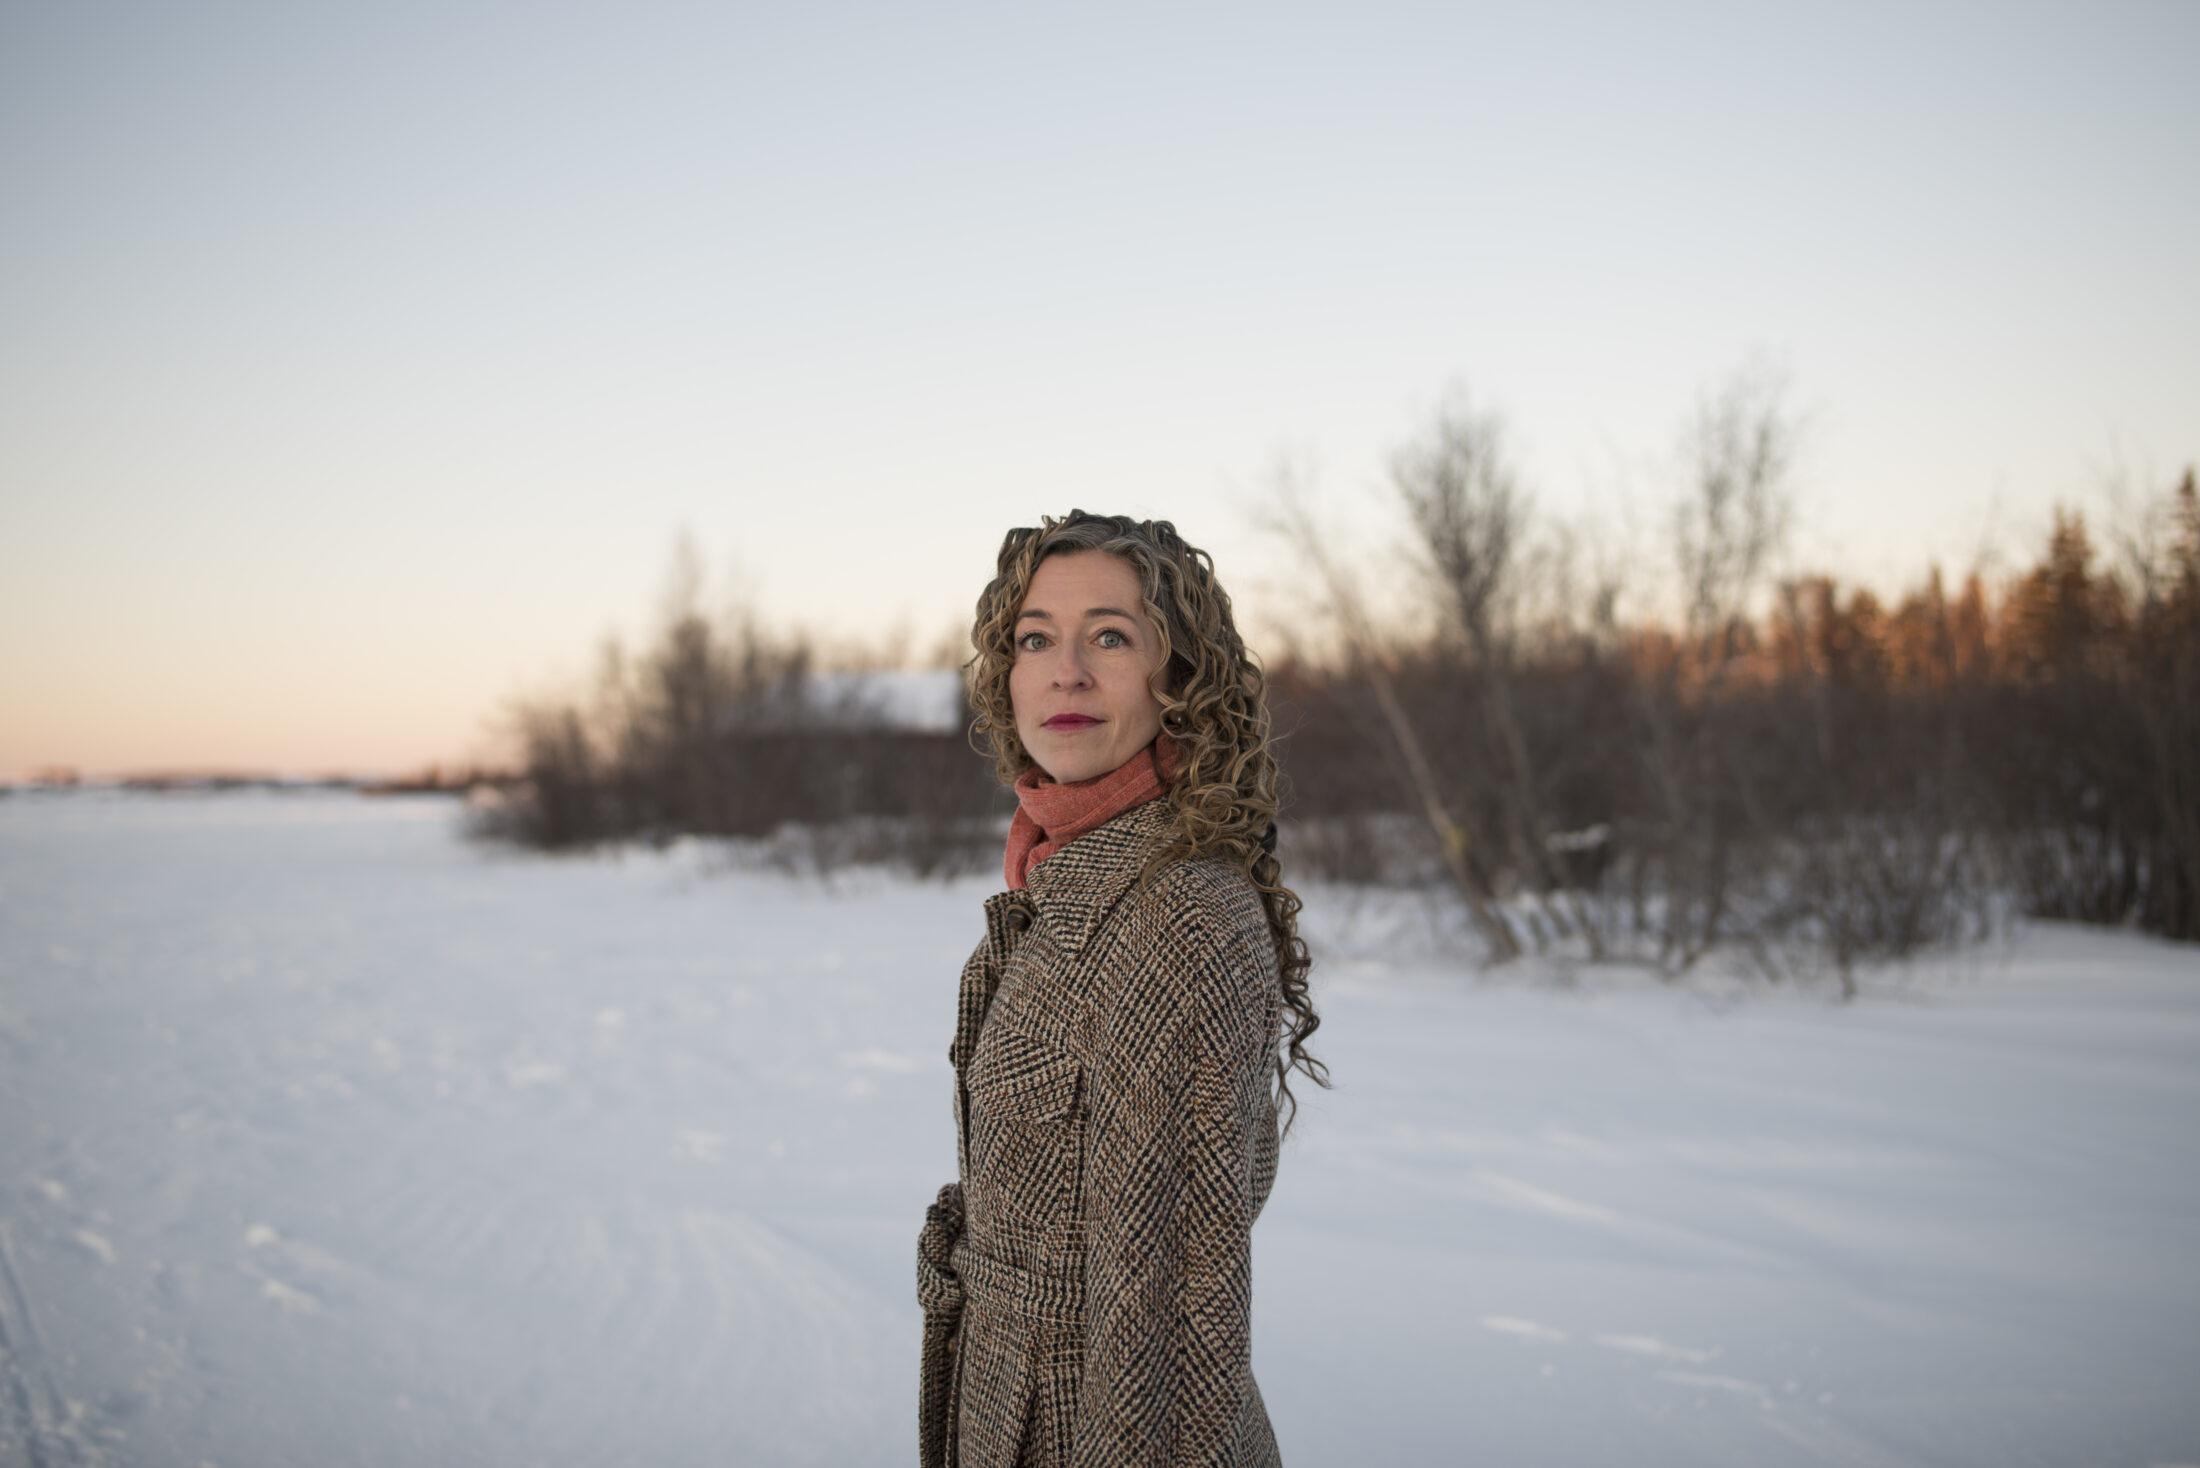 courtney howard standing in a snowy field